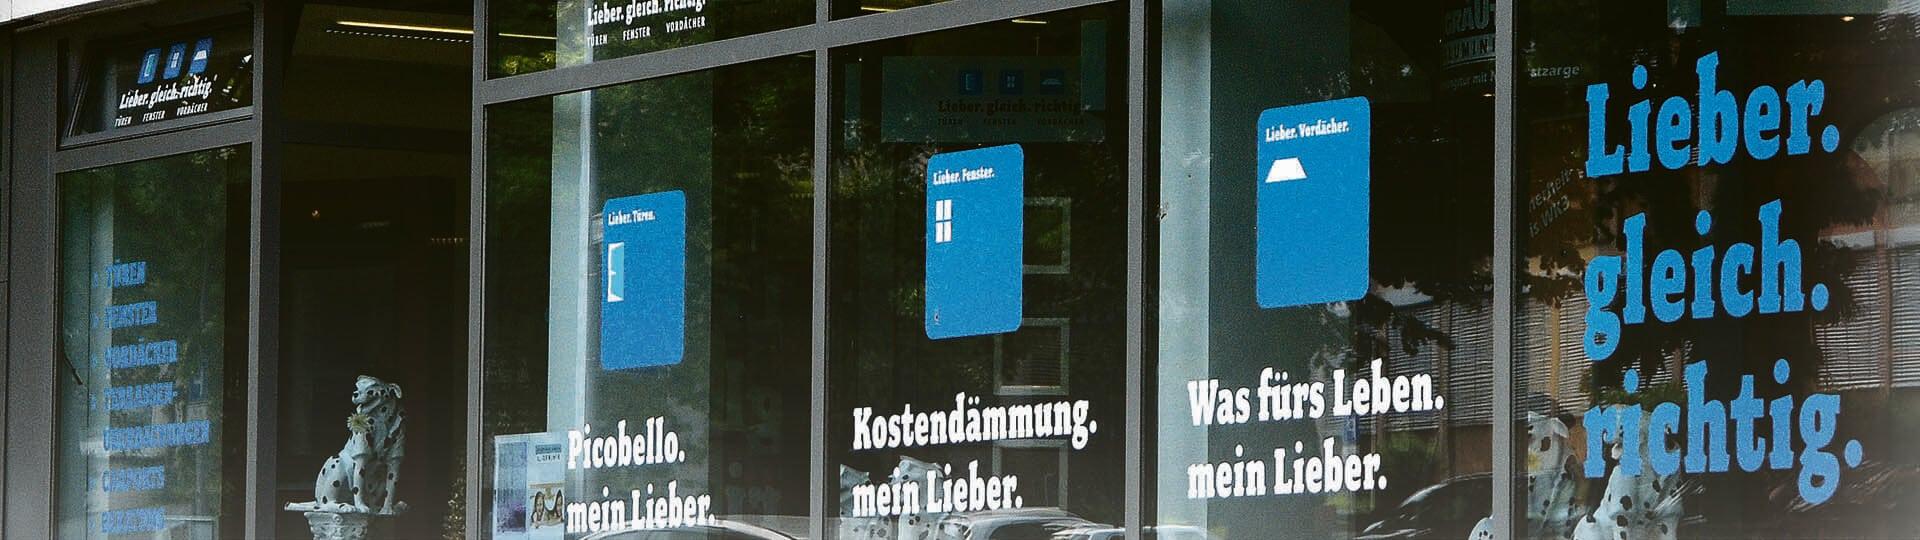 Lieber.gleich.richtig. – Ihr vielseitiger Experte für Vordächer, Türen und Fenster in Leonberg Headerbild